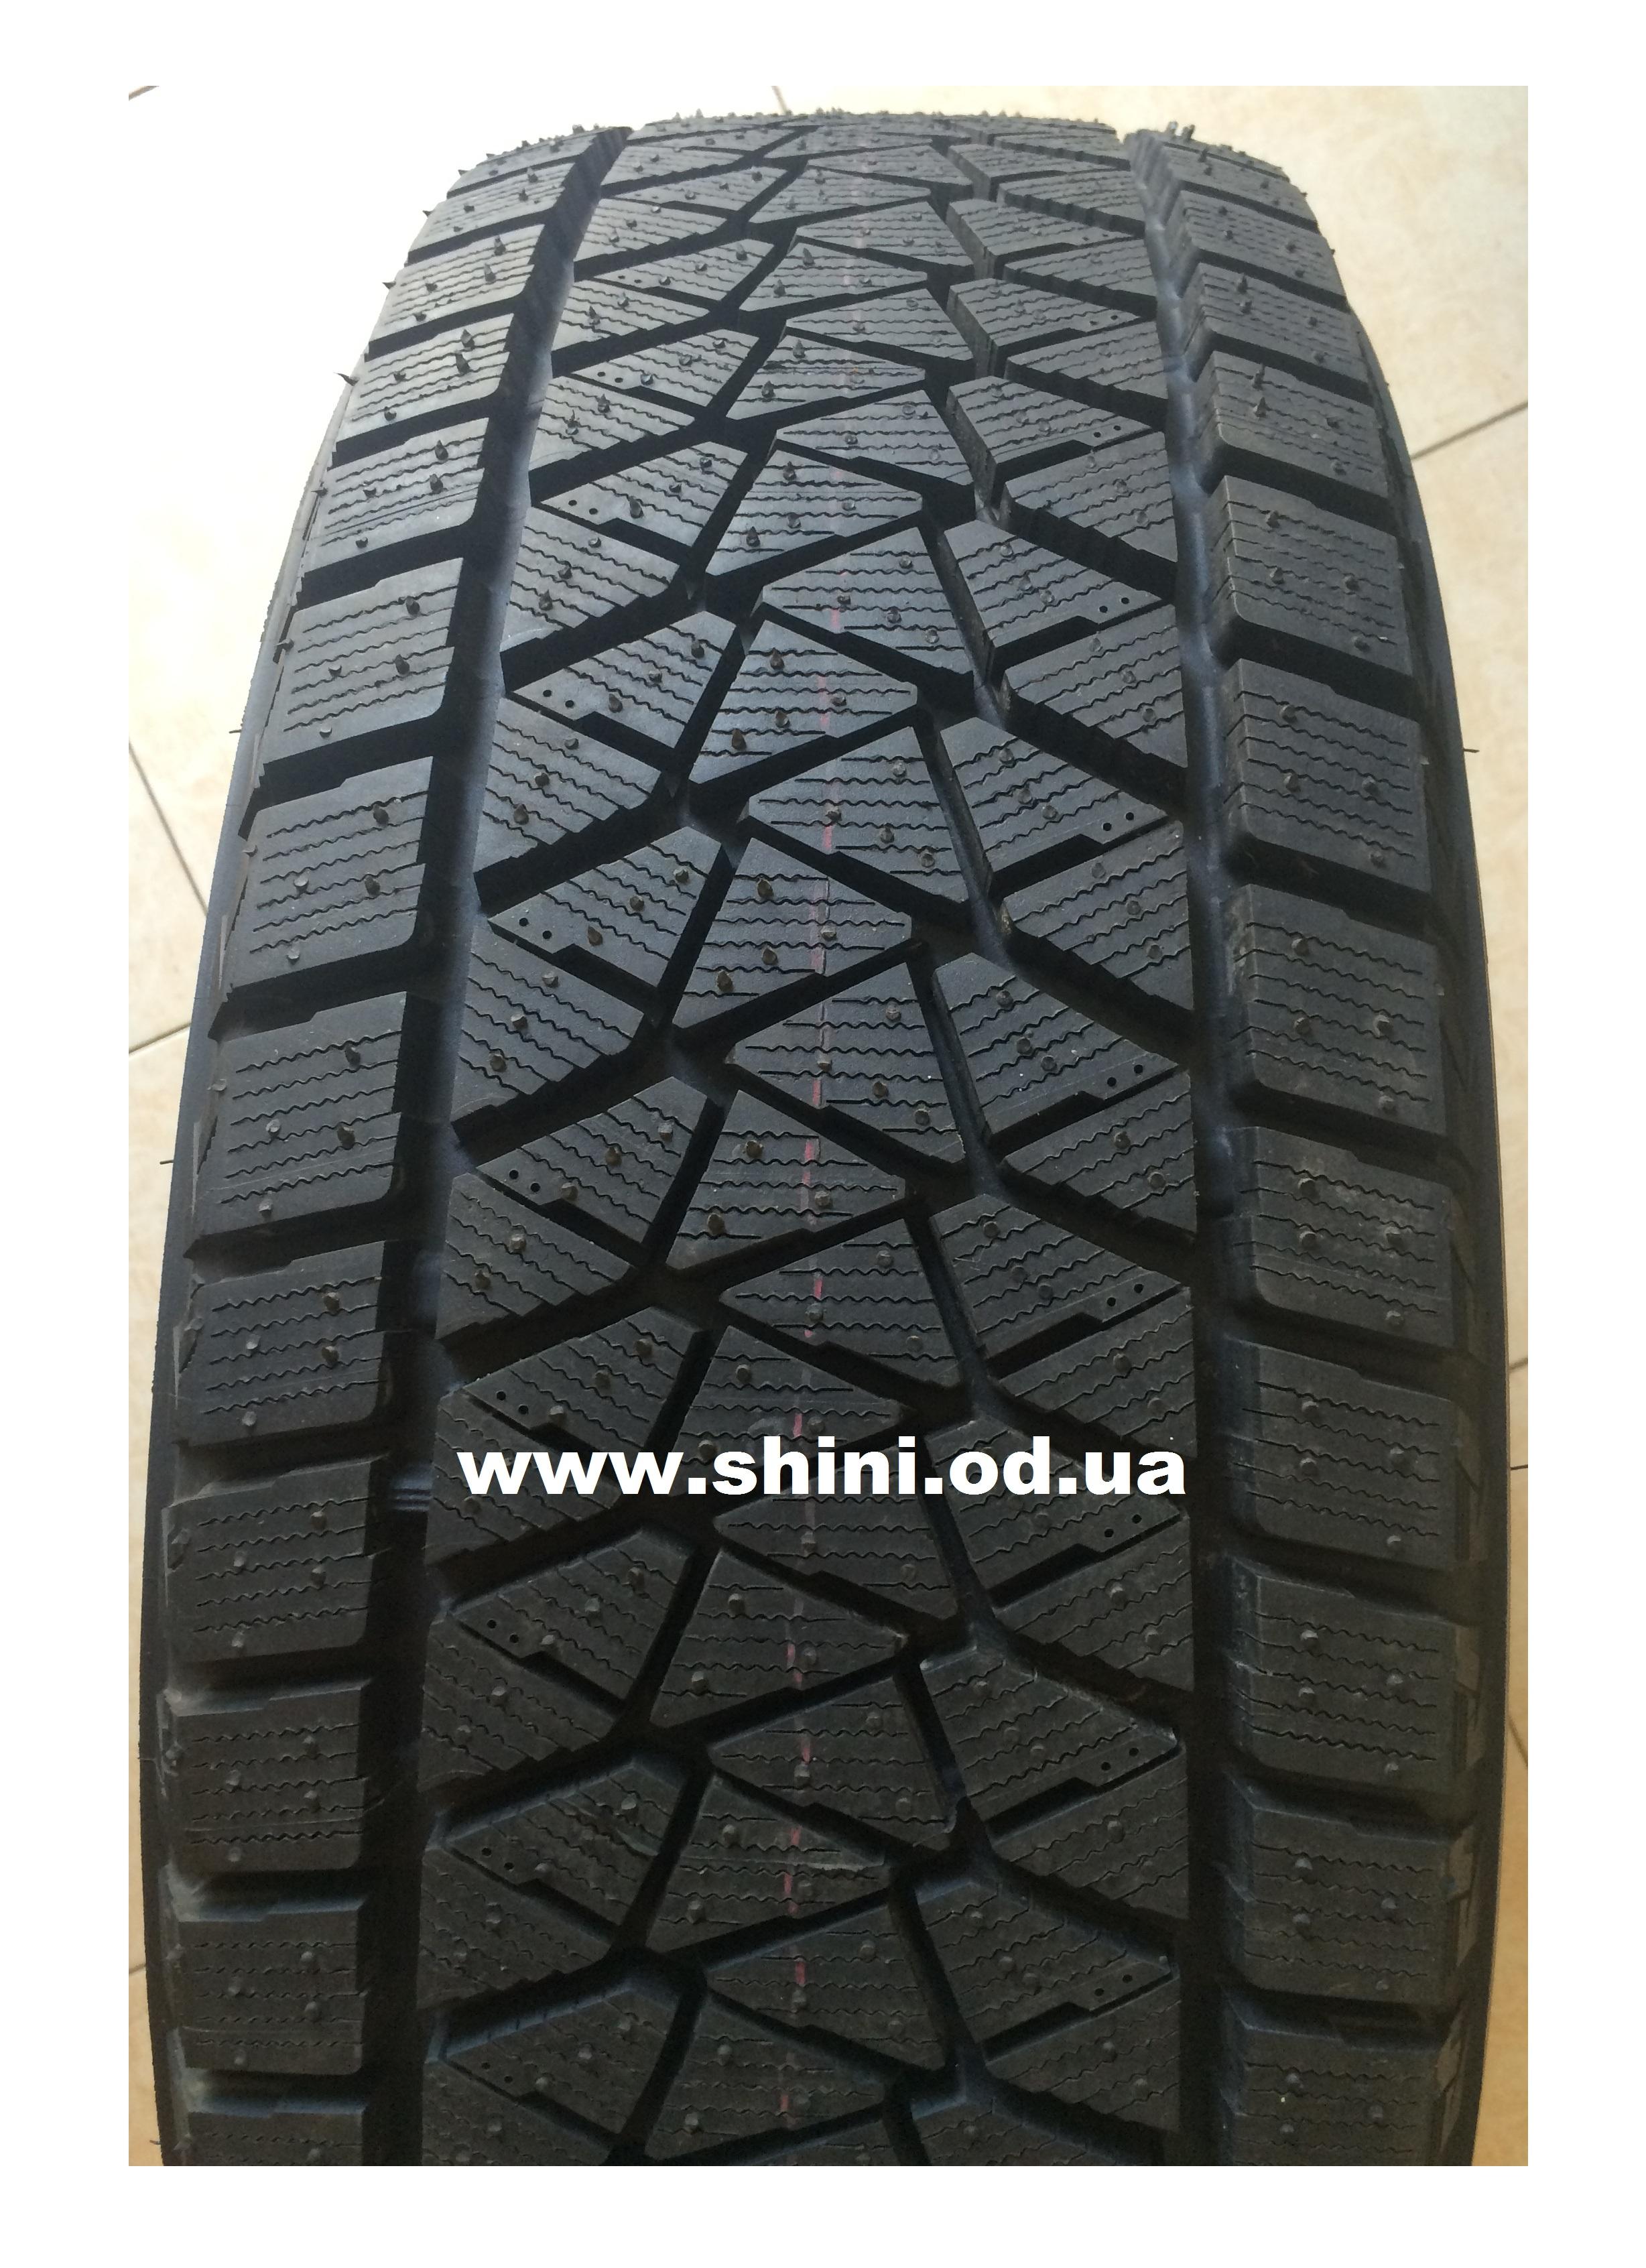 Фрикционные автошины Bridgestone Blizzak DM-V2